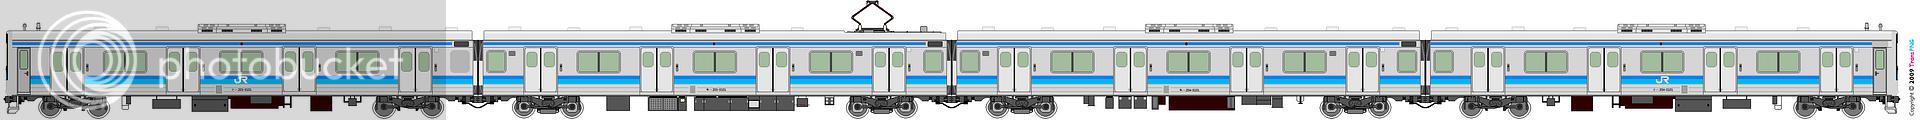 鐵路列車 1988